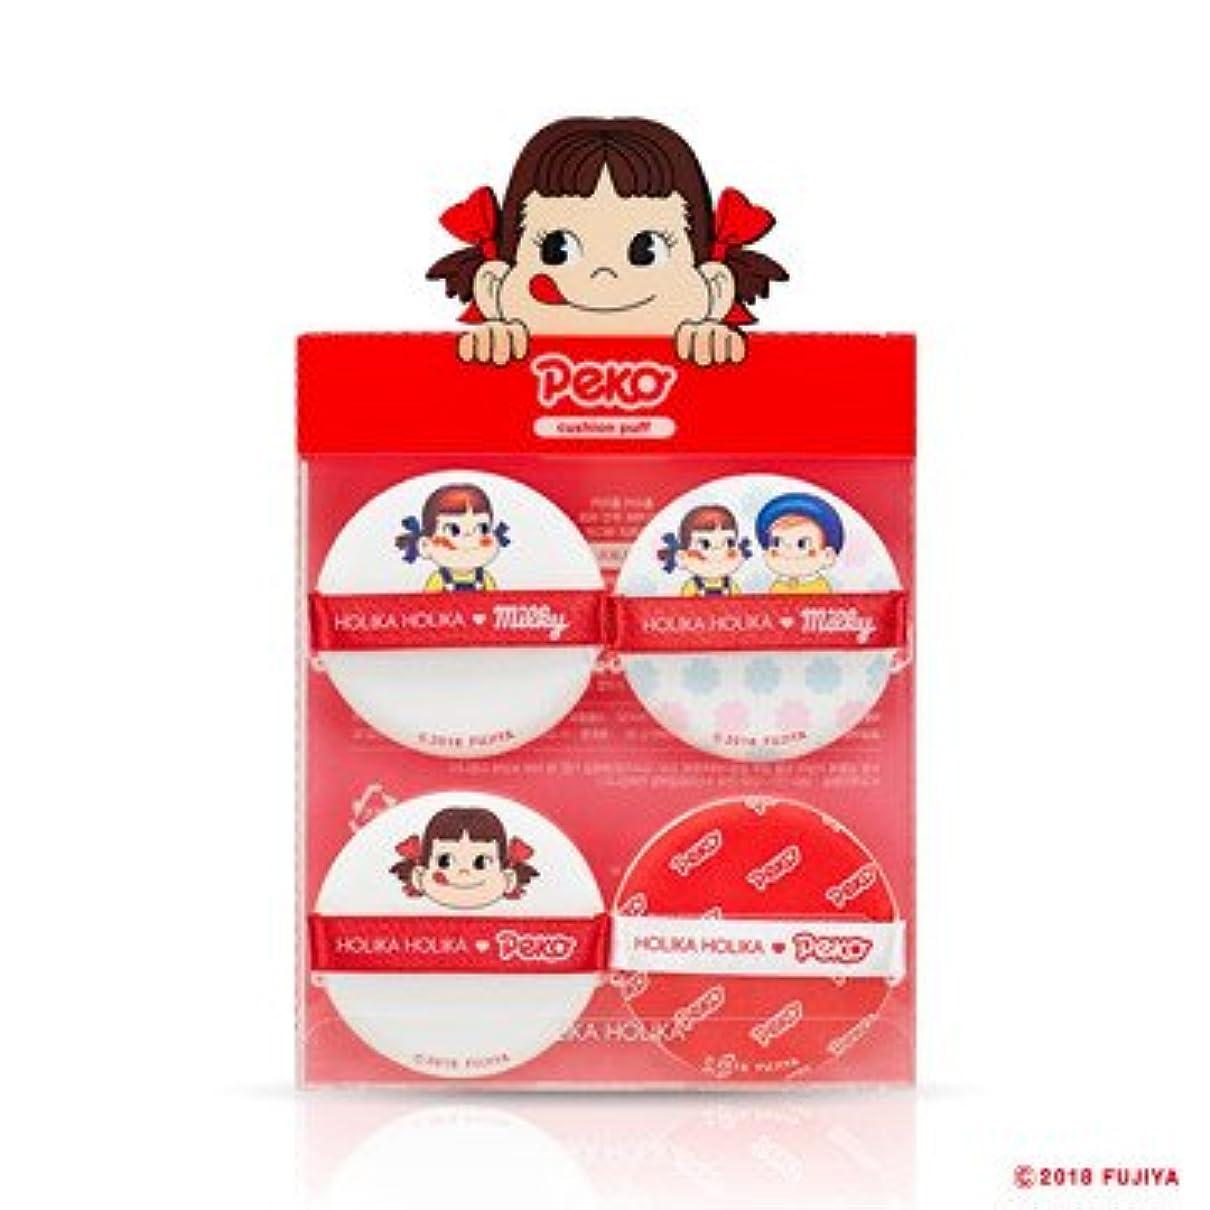 根絶するキャプテンブライキャンパスHolika Holika [Sweet Peko Edition] Hard Cover Cushion Puff(4EA)/ホリカホリカ [スイートペコエディション] ハードカバークッションパフ (4枚入り) [並行輸入品]